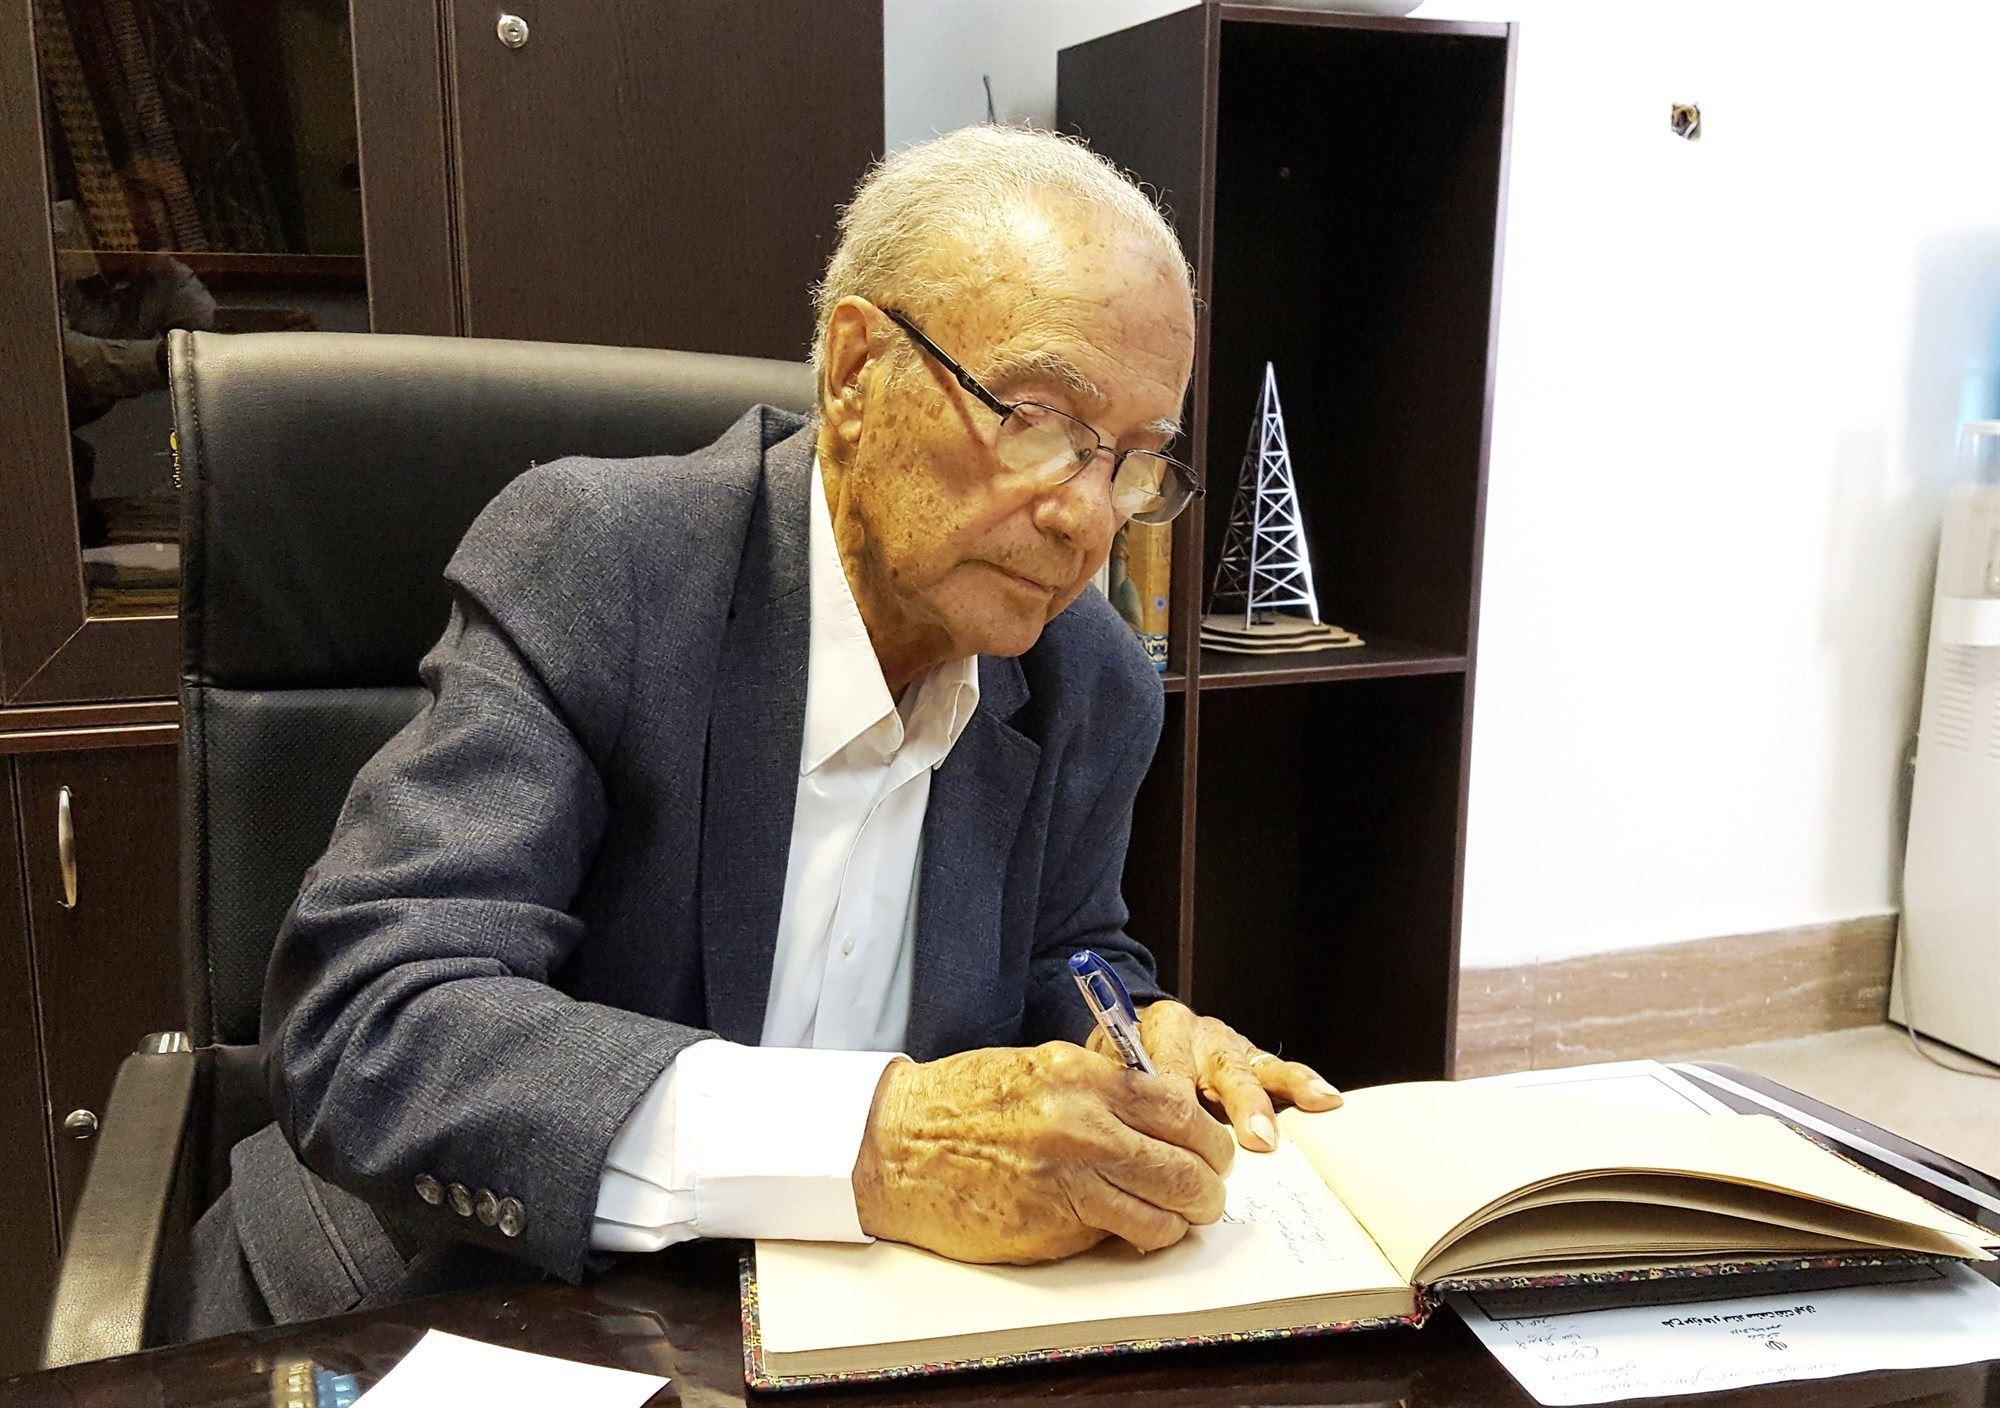 گفت و گو با سید امیر بدخشان، عضو اسبق هیات مدیره شرکت ملی نفت